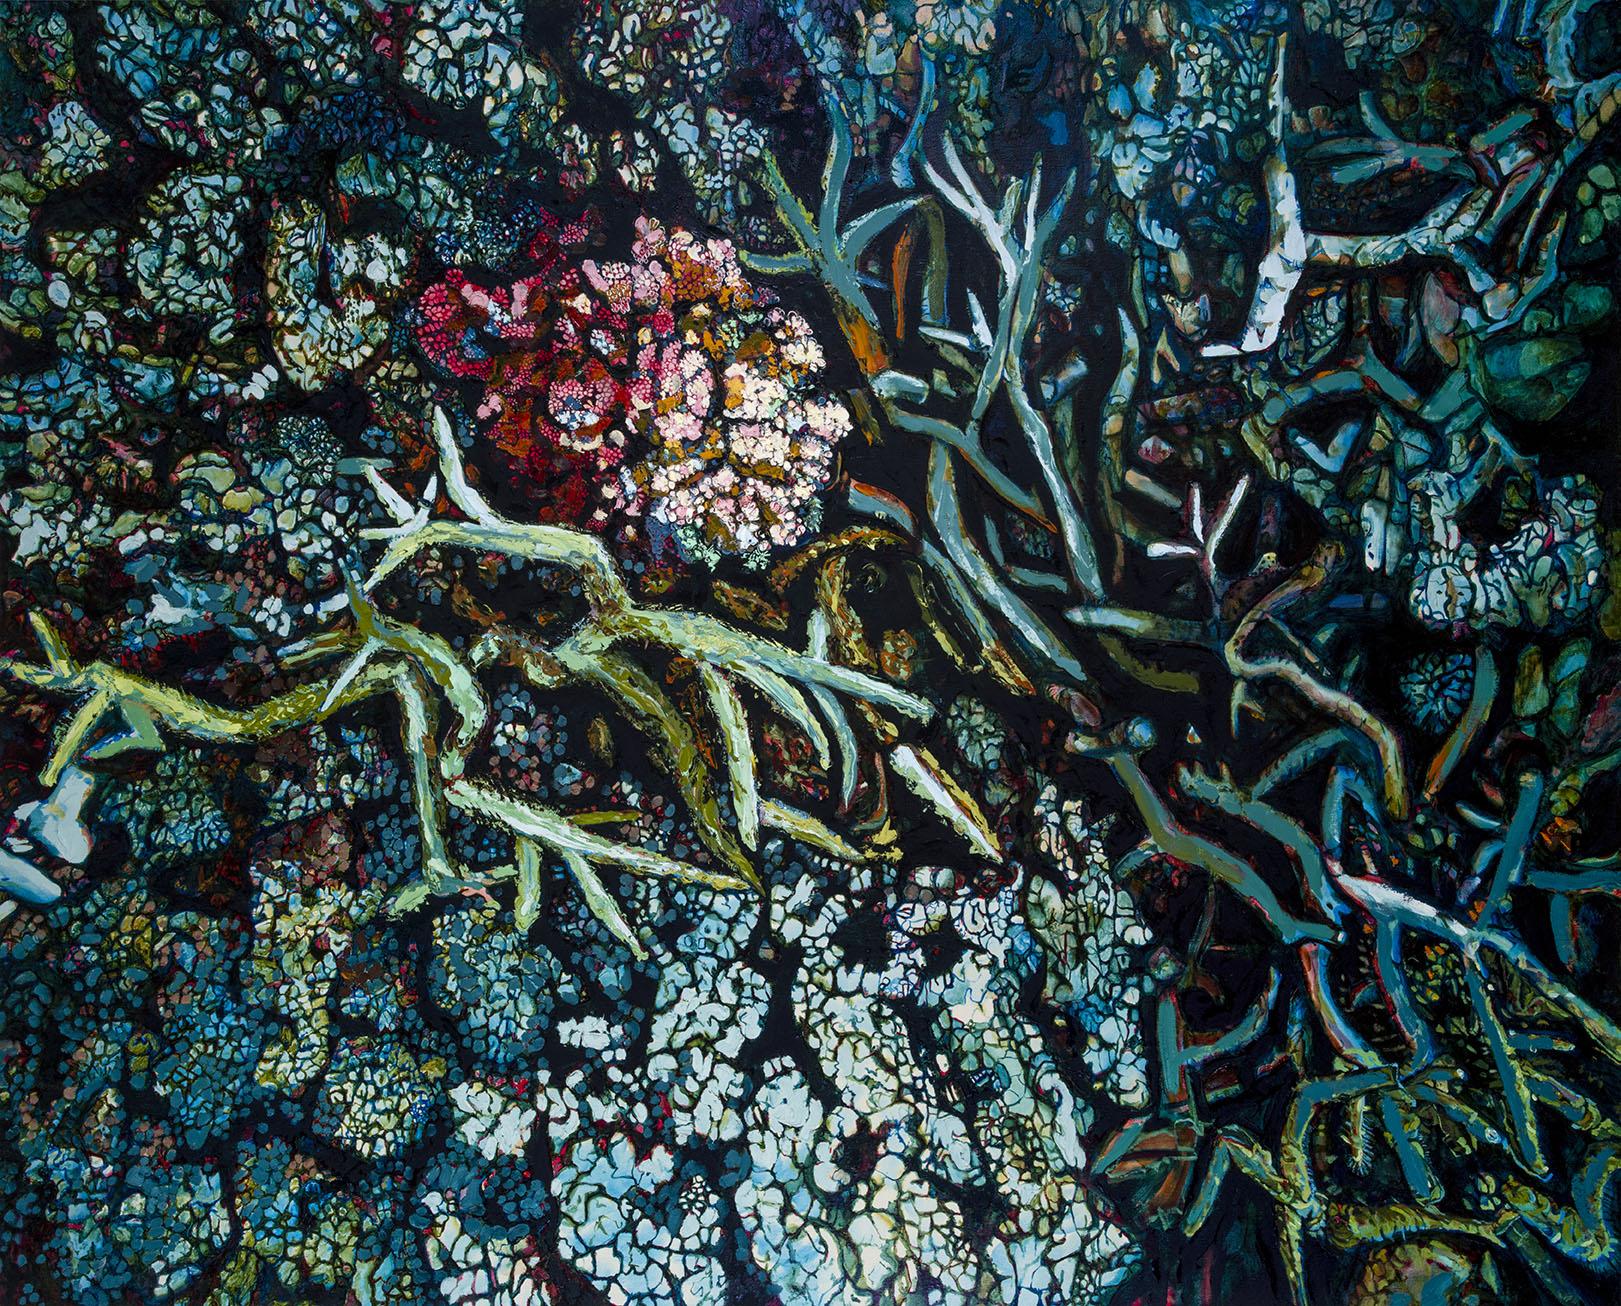 E Lindsay 2017 Live and dead corals (LizardIsland)